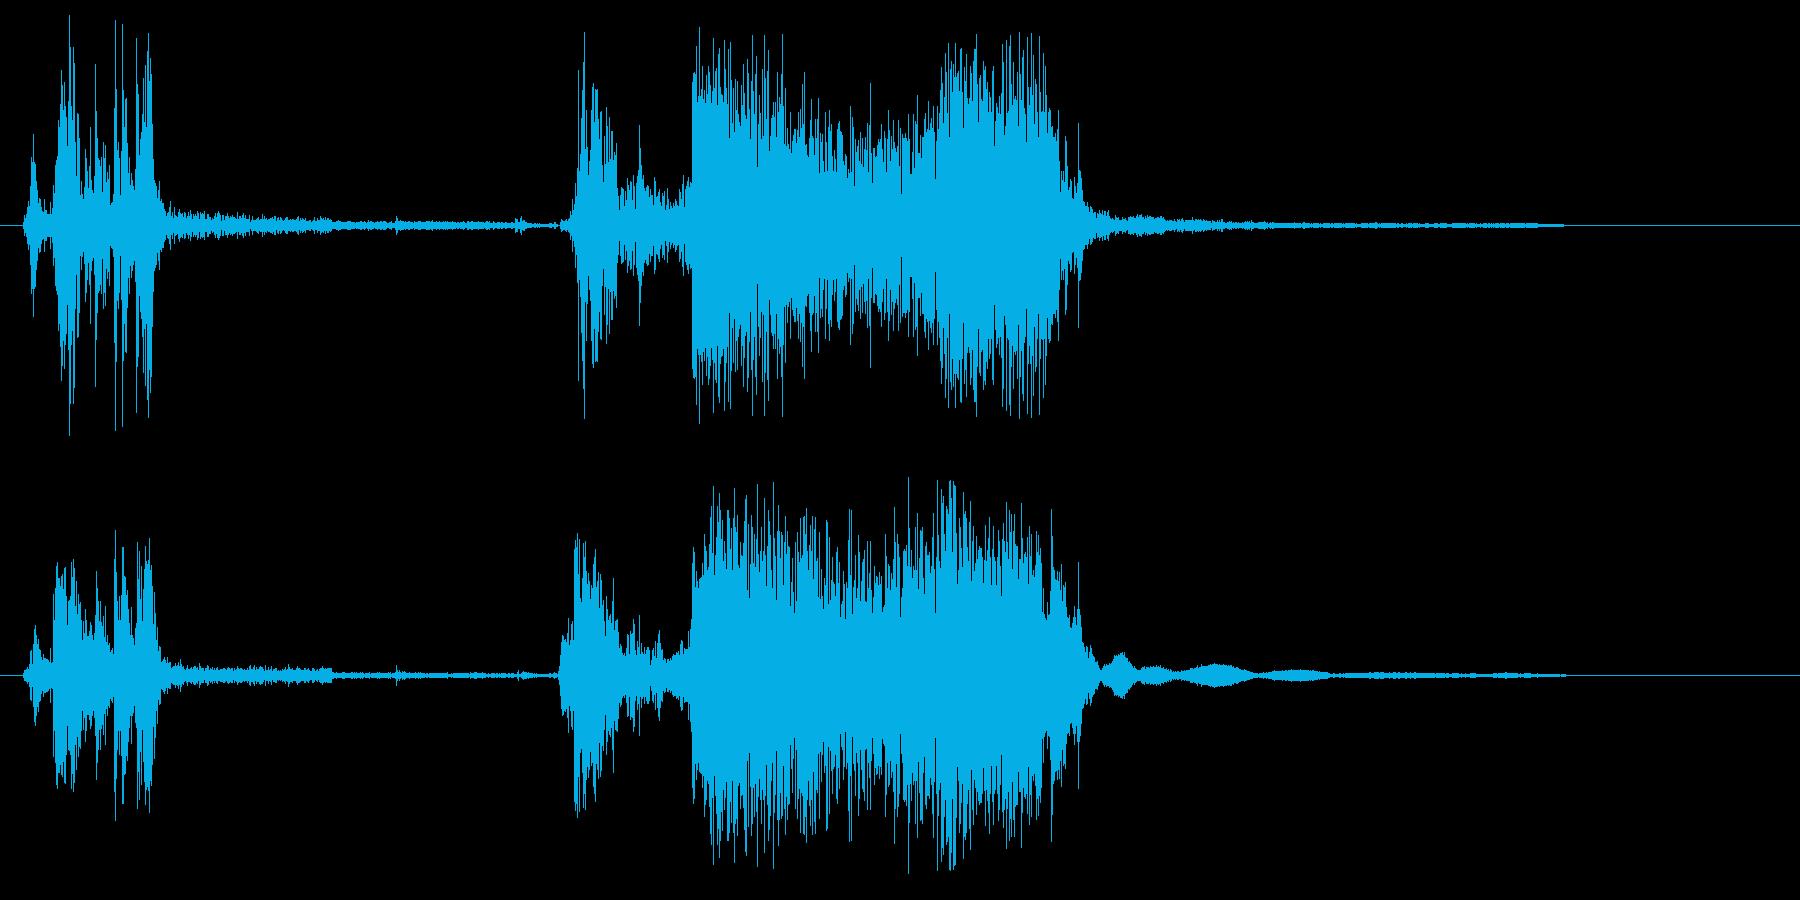 ビール缶を開ける音色の再生済みの波形